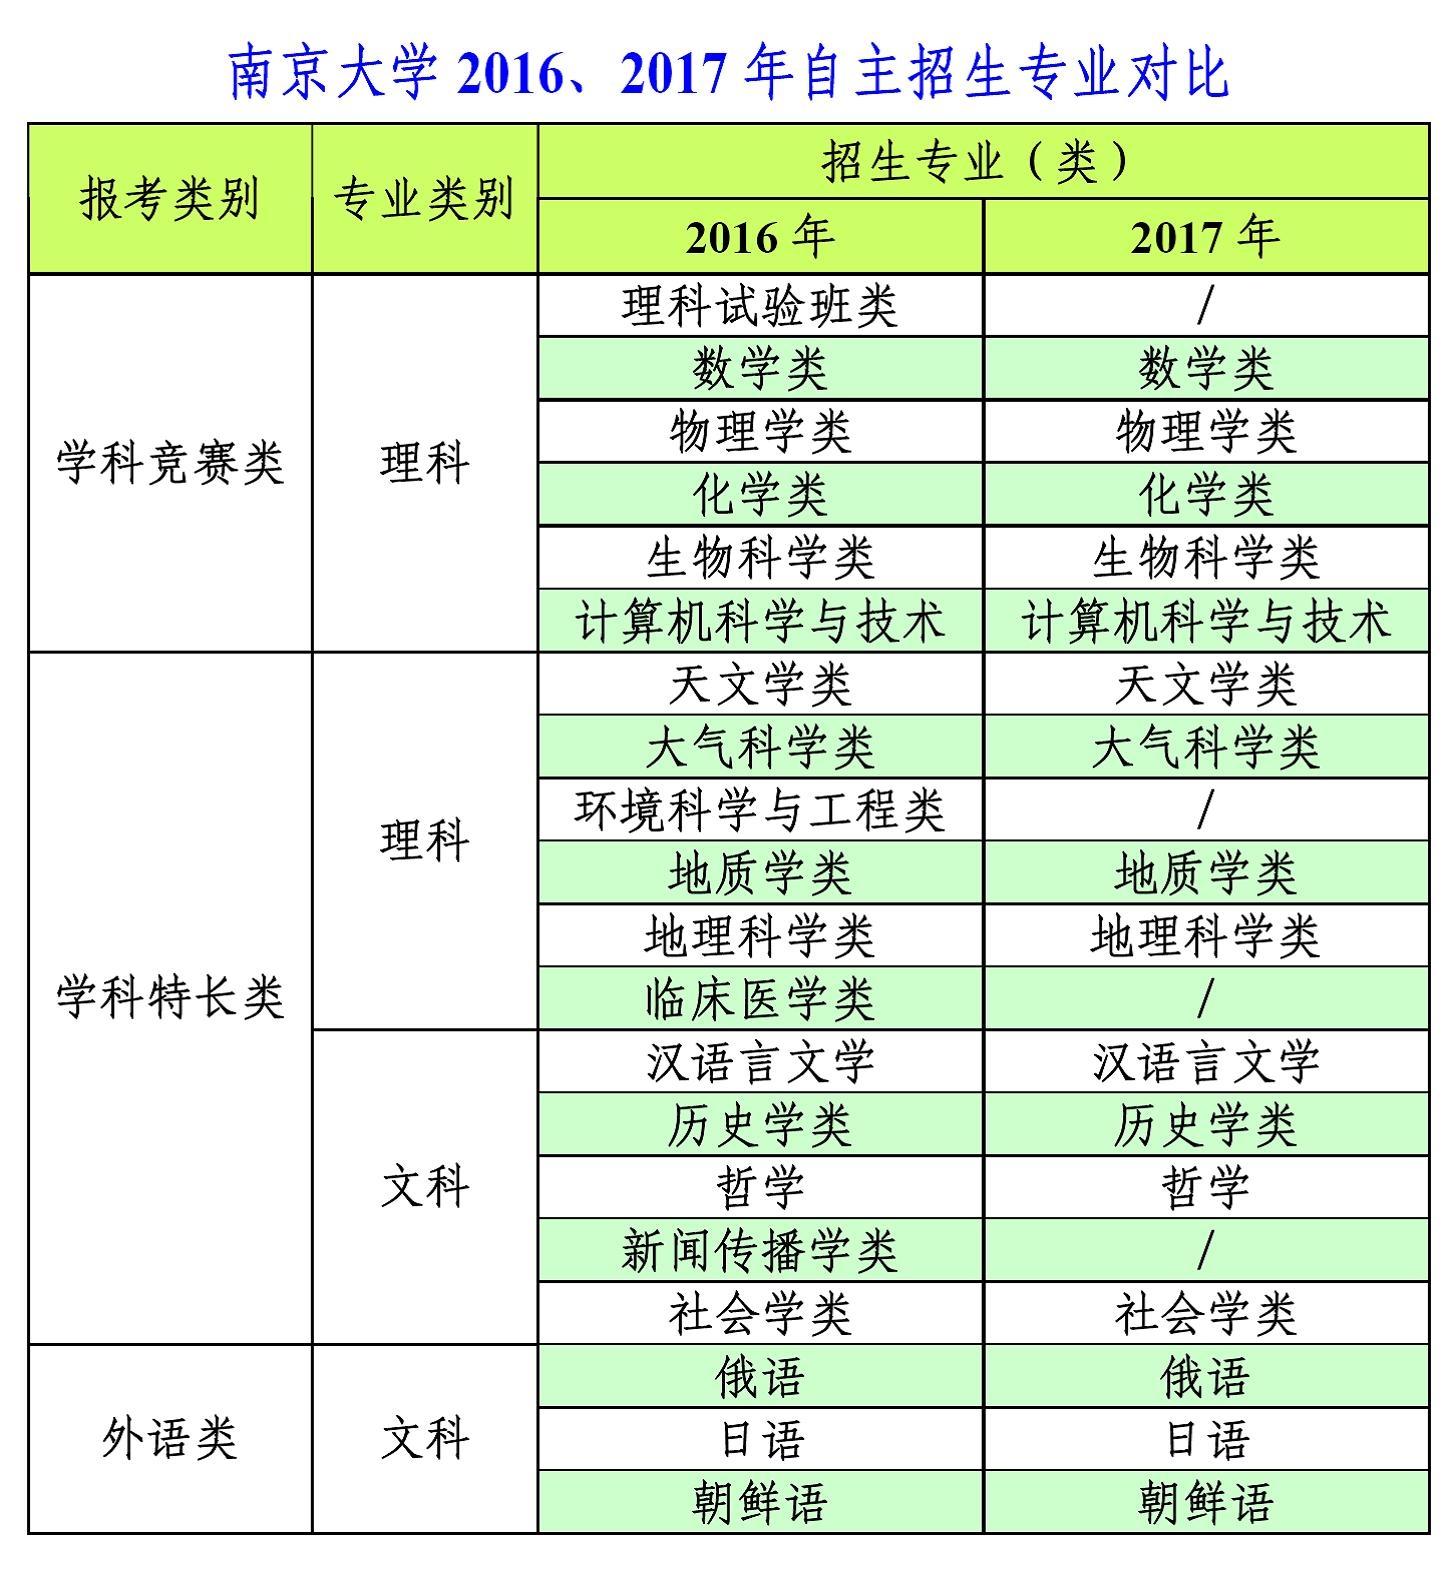 南京大学2016、2017年自主招生专业对比.jpg